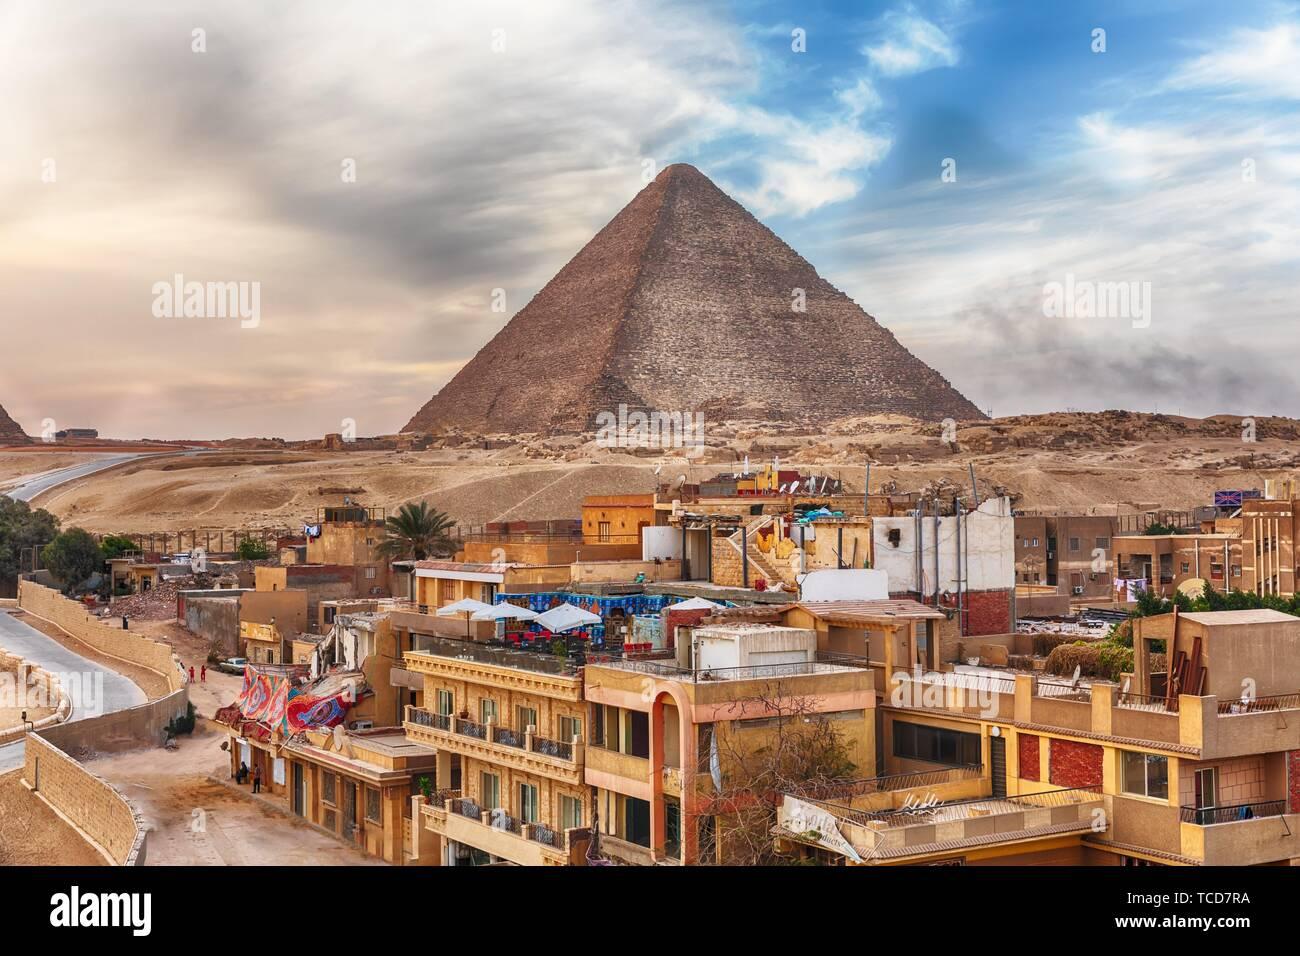 La pirámide de Keops y la cercana localidad de Giza en El Cairo, Egipto. Foto de stock